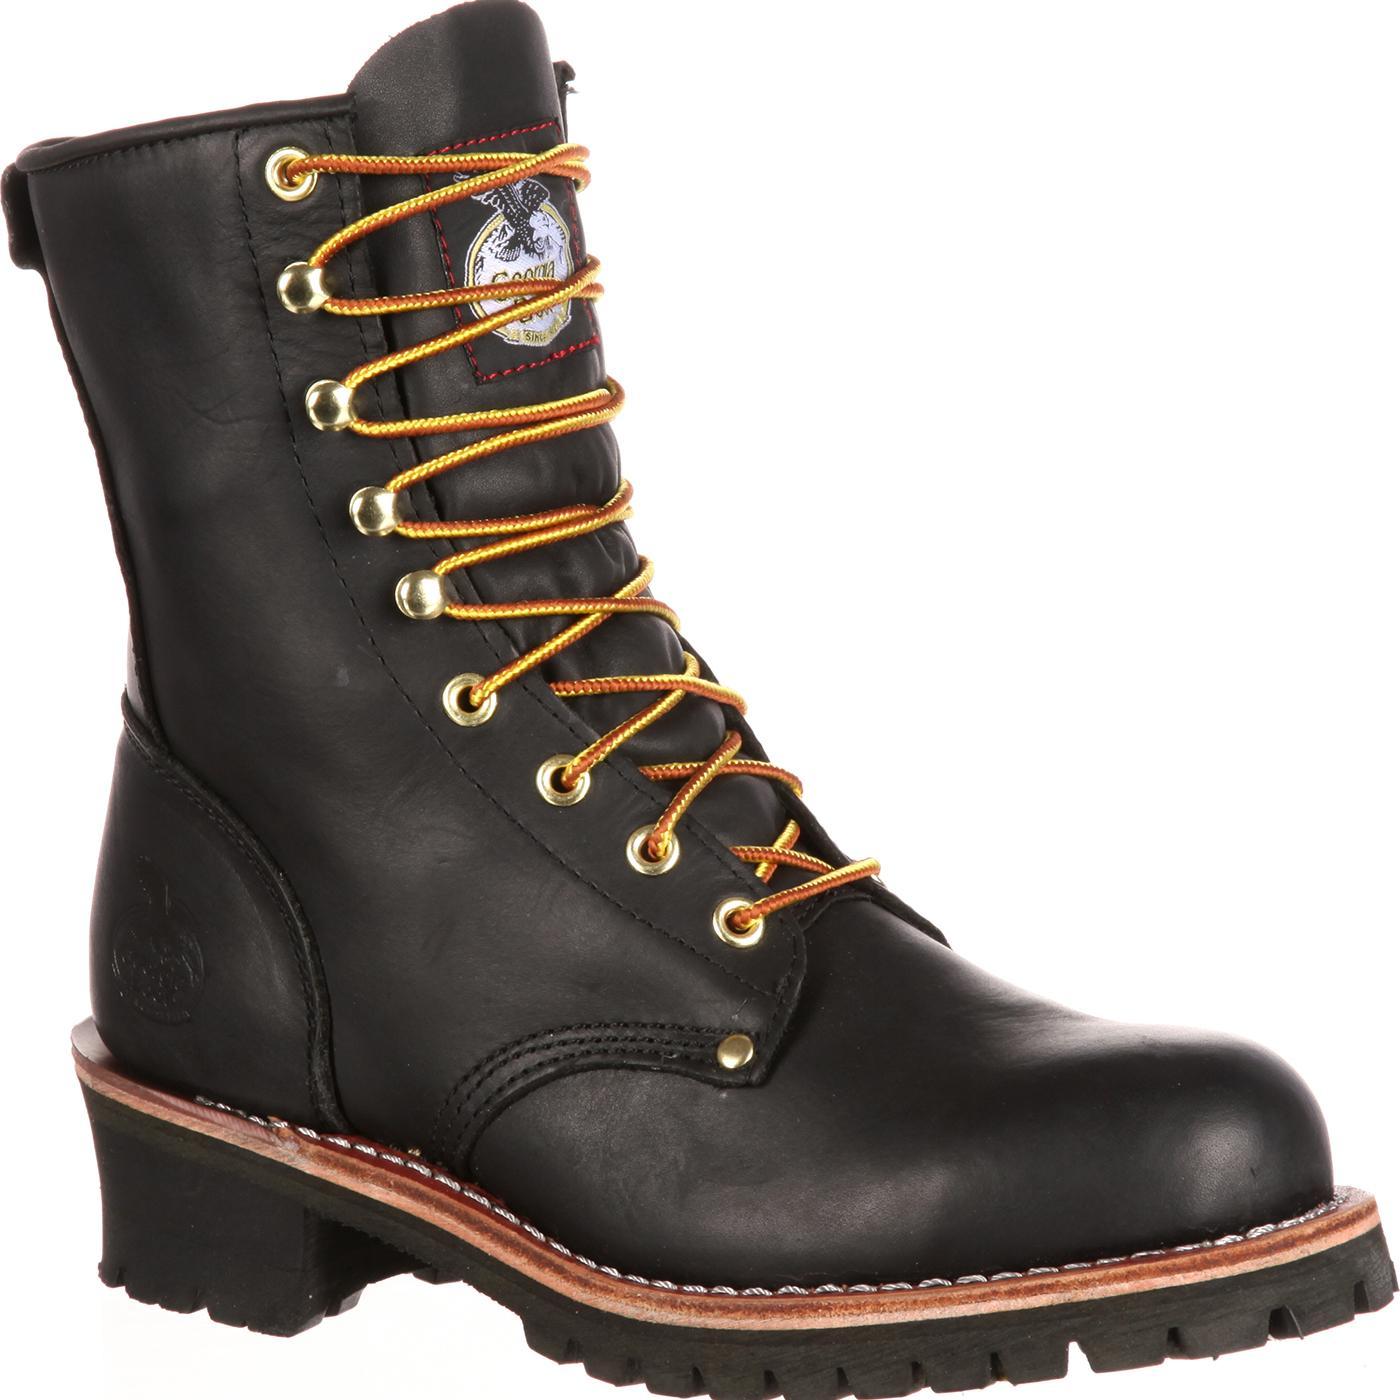 Georgia Boot Homeland Men's ... 8-in. Waterproof Work Boots jX38KF1d